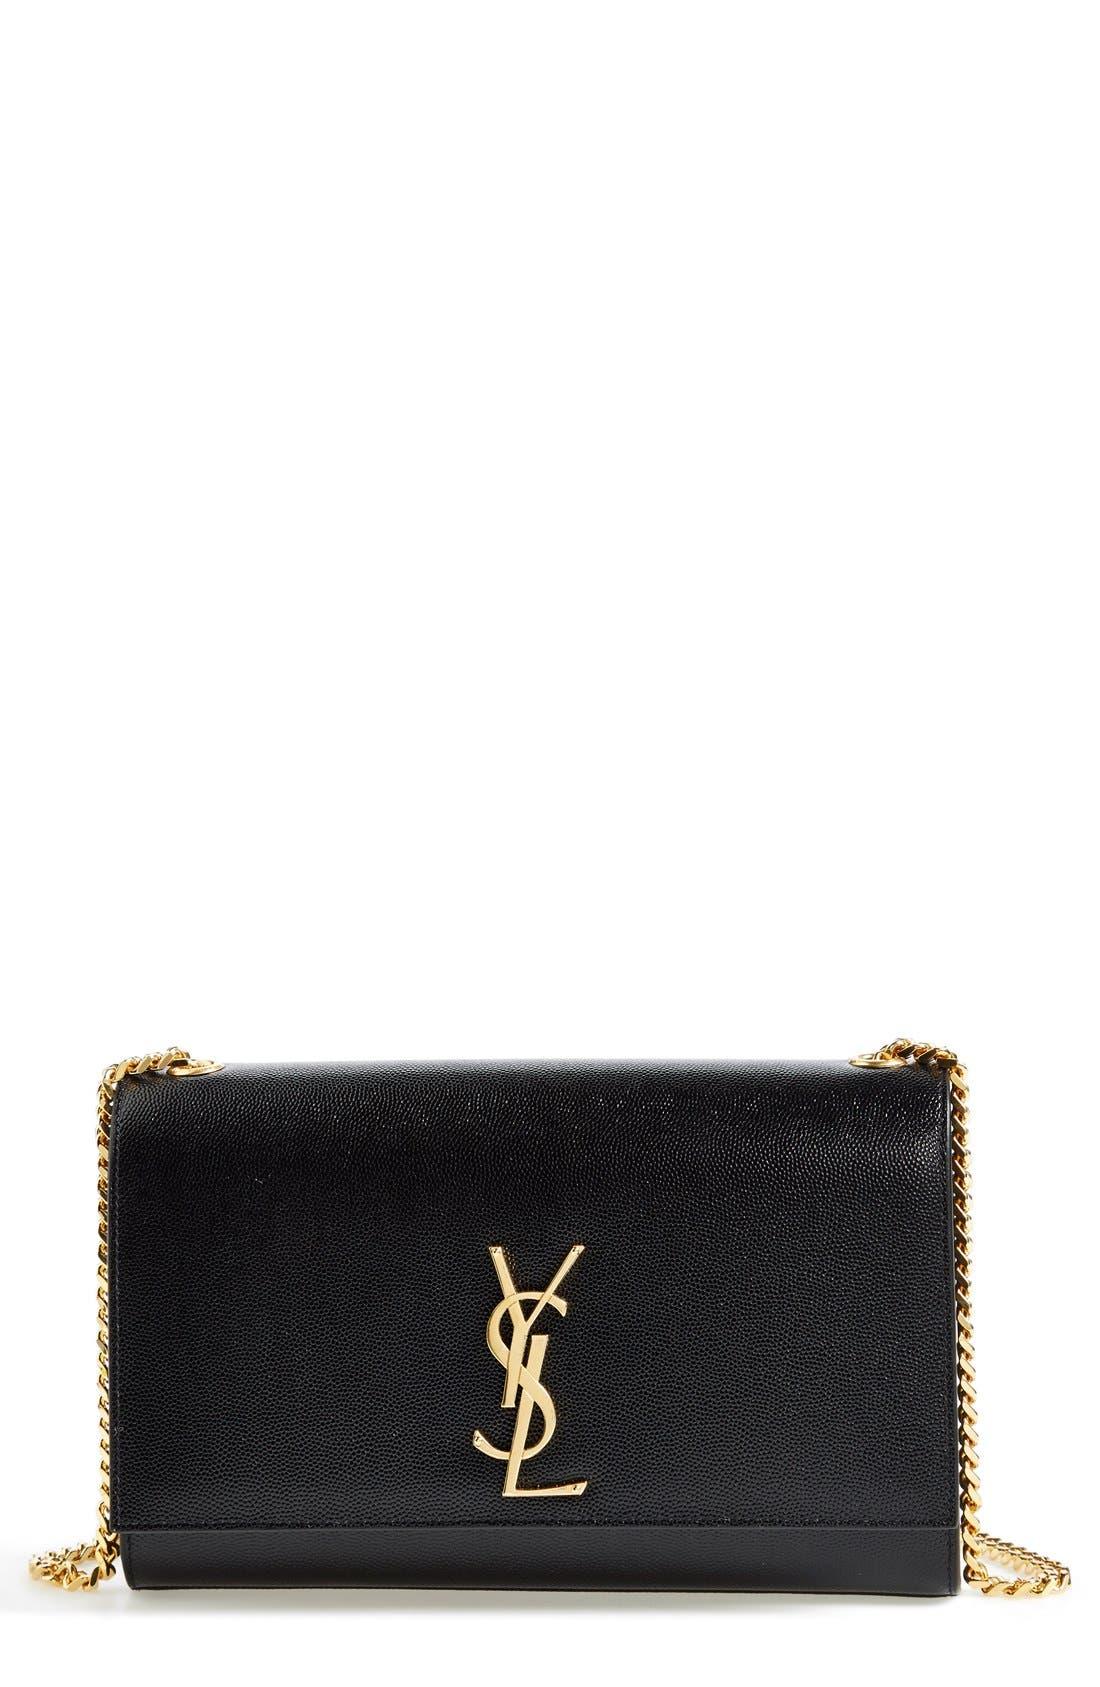 'Medium Kate' Leather Chain Shoulder Bag,                         Main,                         color, NOIR